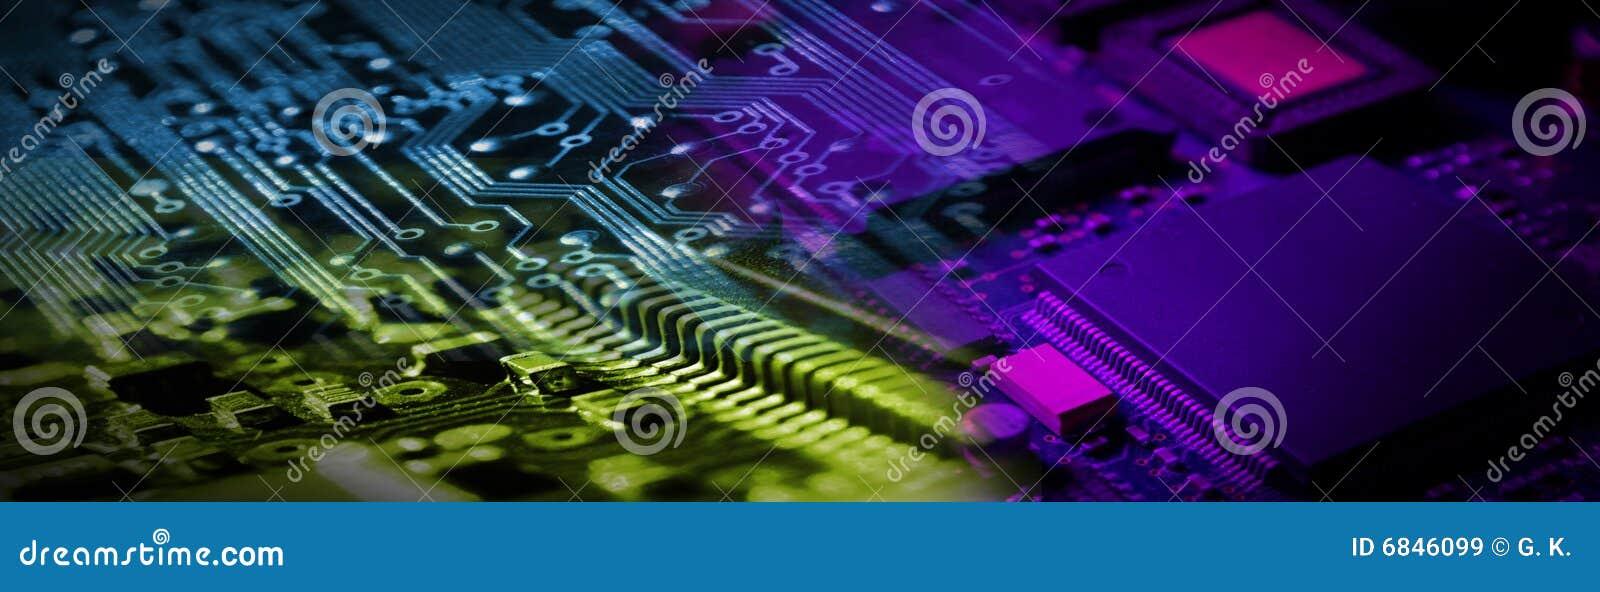 Elektronik-Fahne